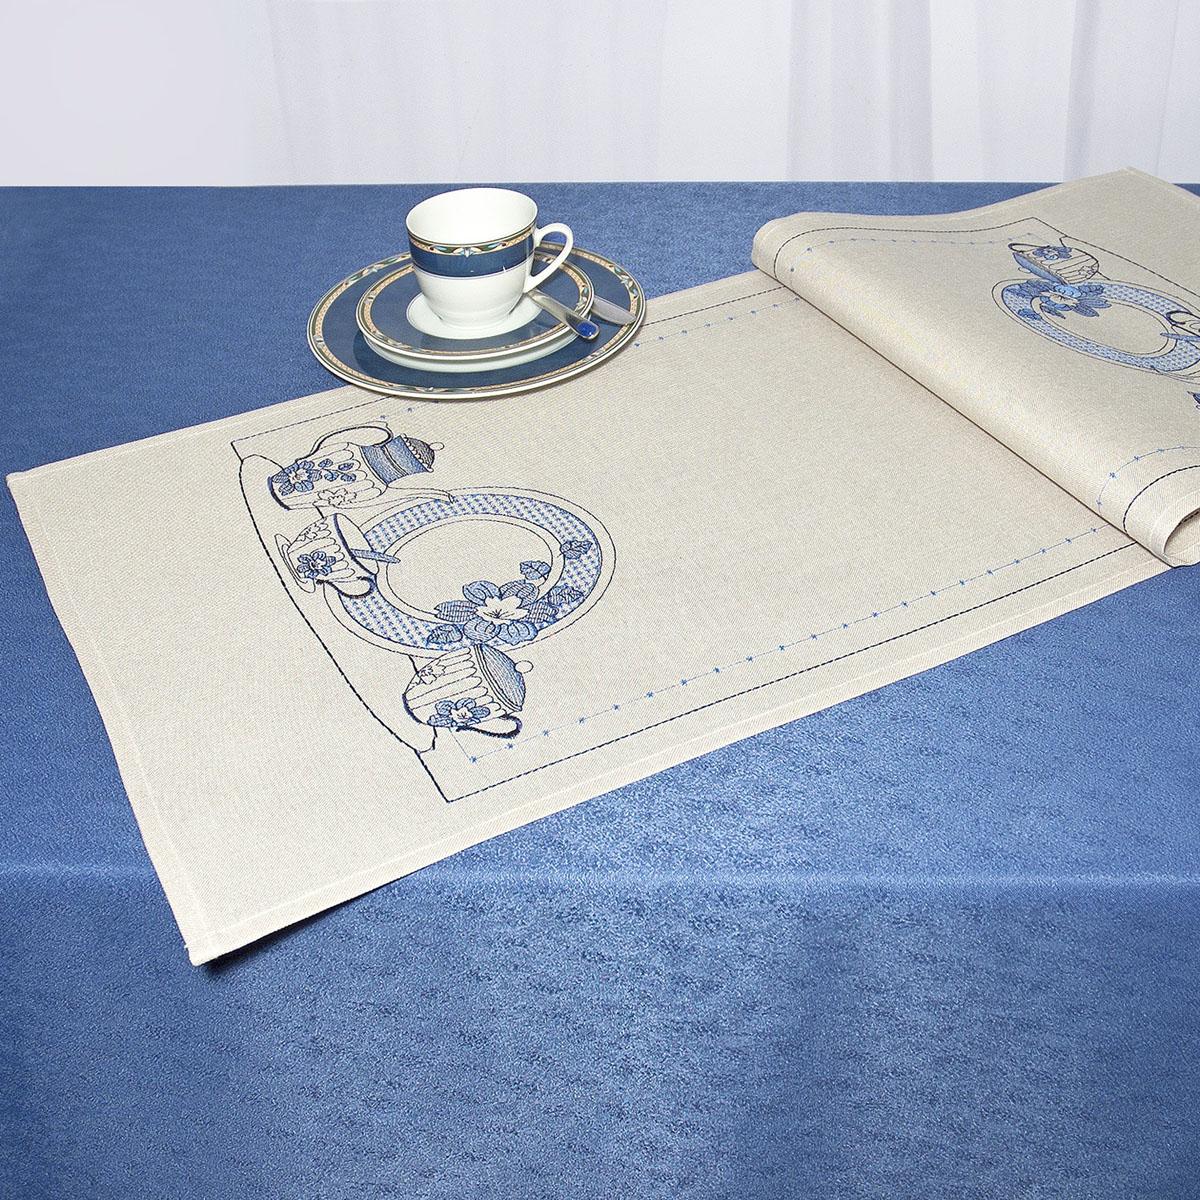 Дорожка для декорирования стола Schaefer, прямоугольная, цвет: кремовый, голубой, 40 x 110 см 07480-233